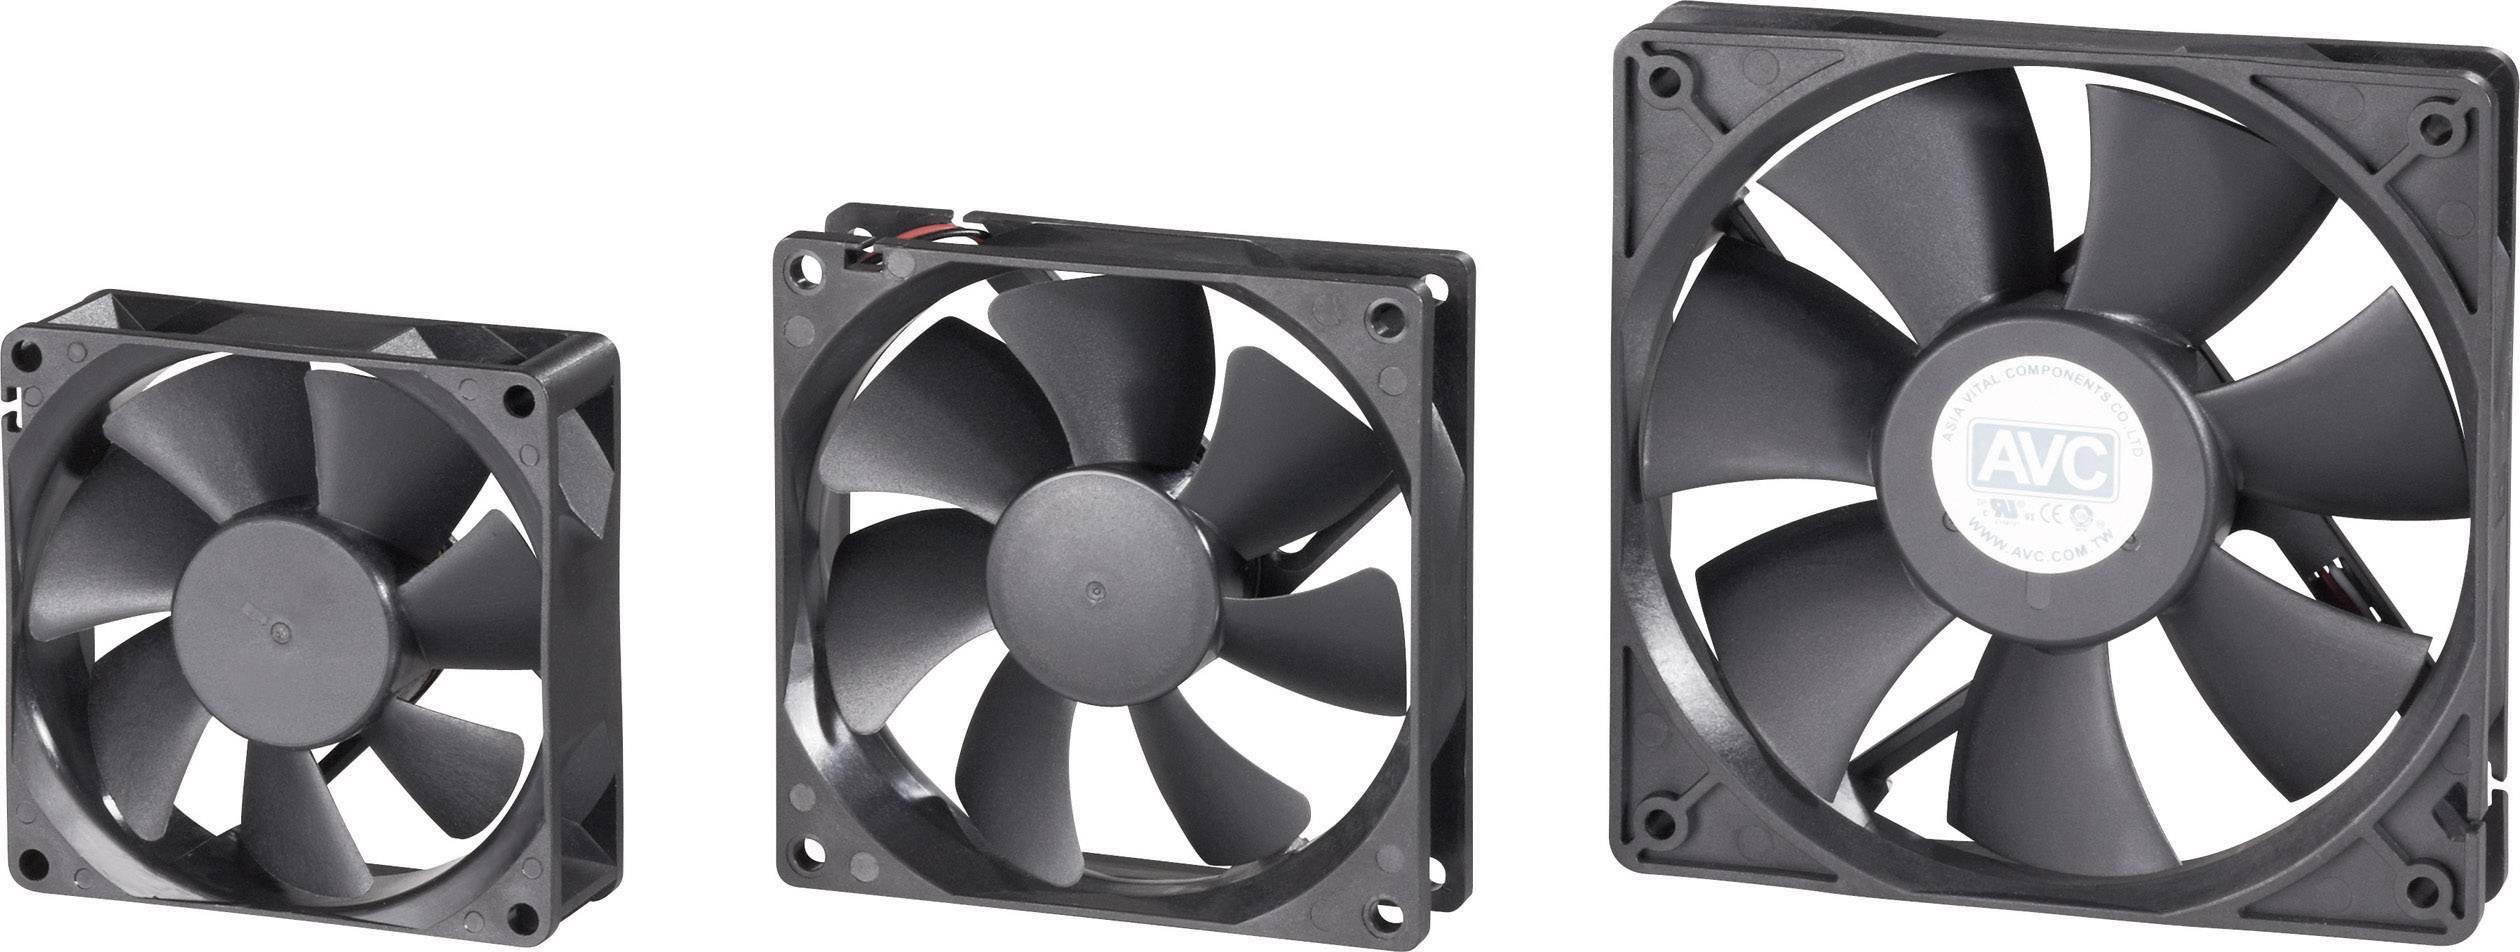 PC ventilátor 70 x 70 x 15 mm